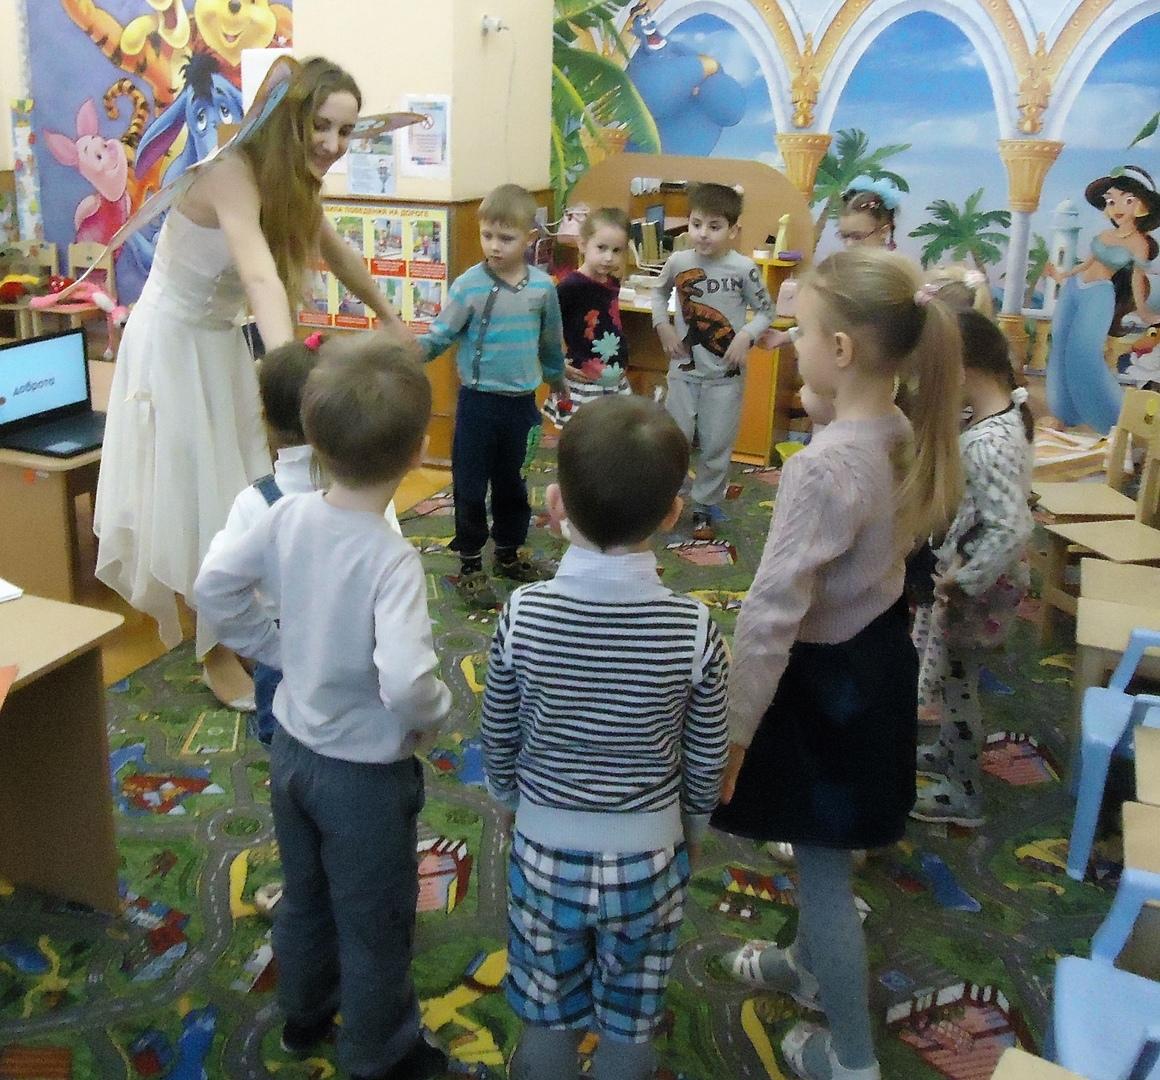 донецкая республиканская библиотека для детей, отдел организации досуга для детей, с библиотекой интересно, детям обо всем на свете, детям о доброте